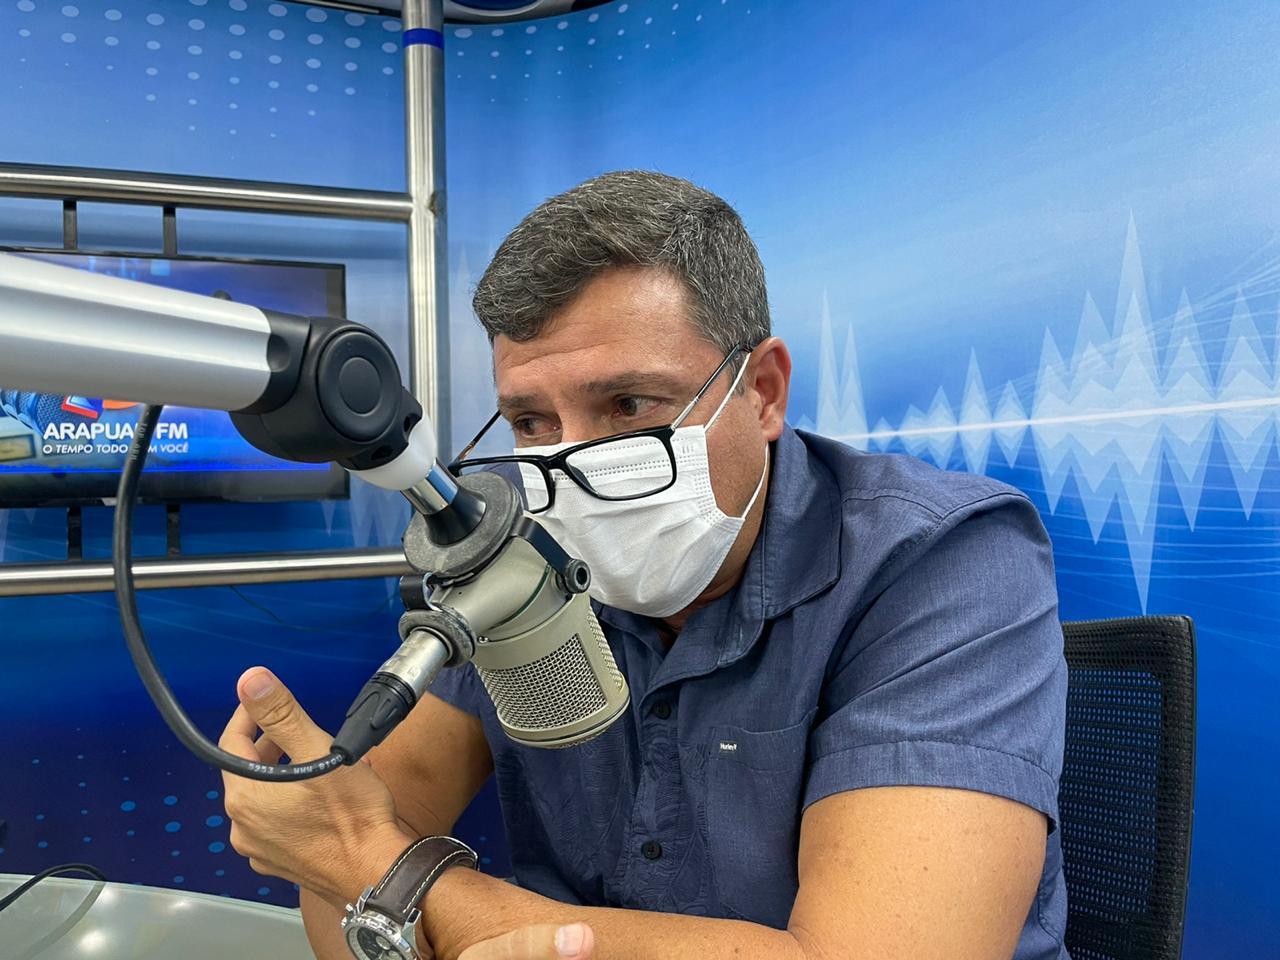 WhatsApp Image 2020 12 17 at 16.22.46 - Vitor Hugo admite disputar eleição em 2022: 'Tentarei um espaço, se Cabedelo entender' - VEJA VÍDEO